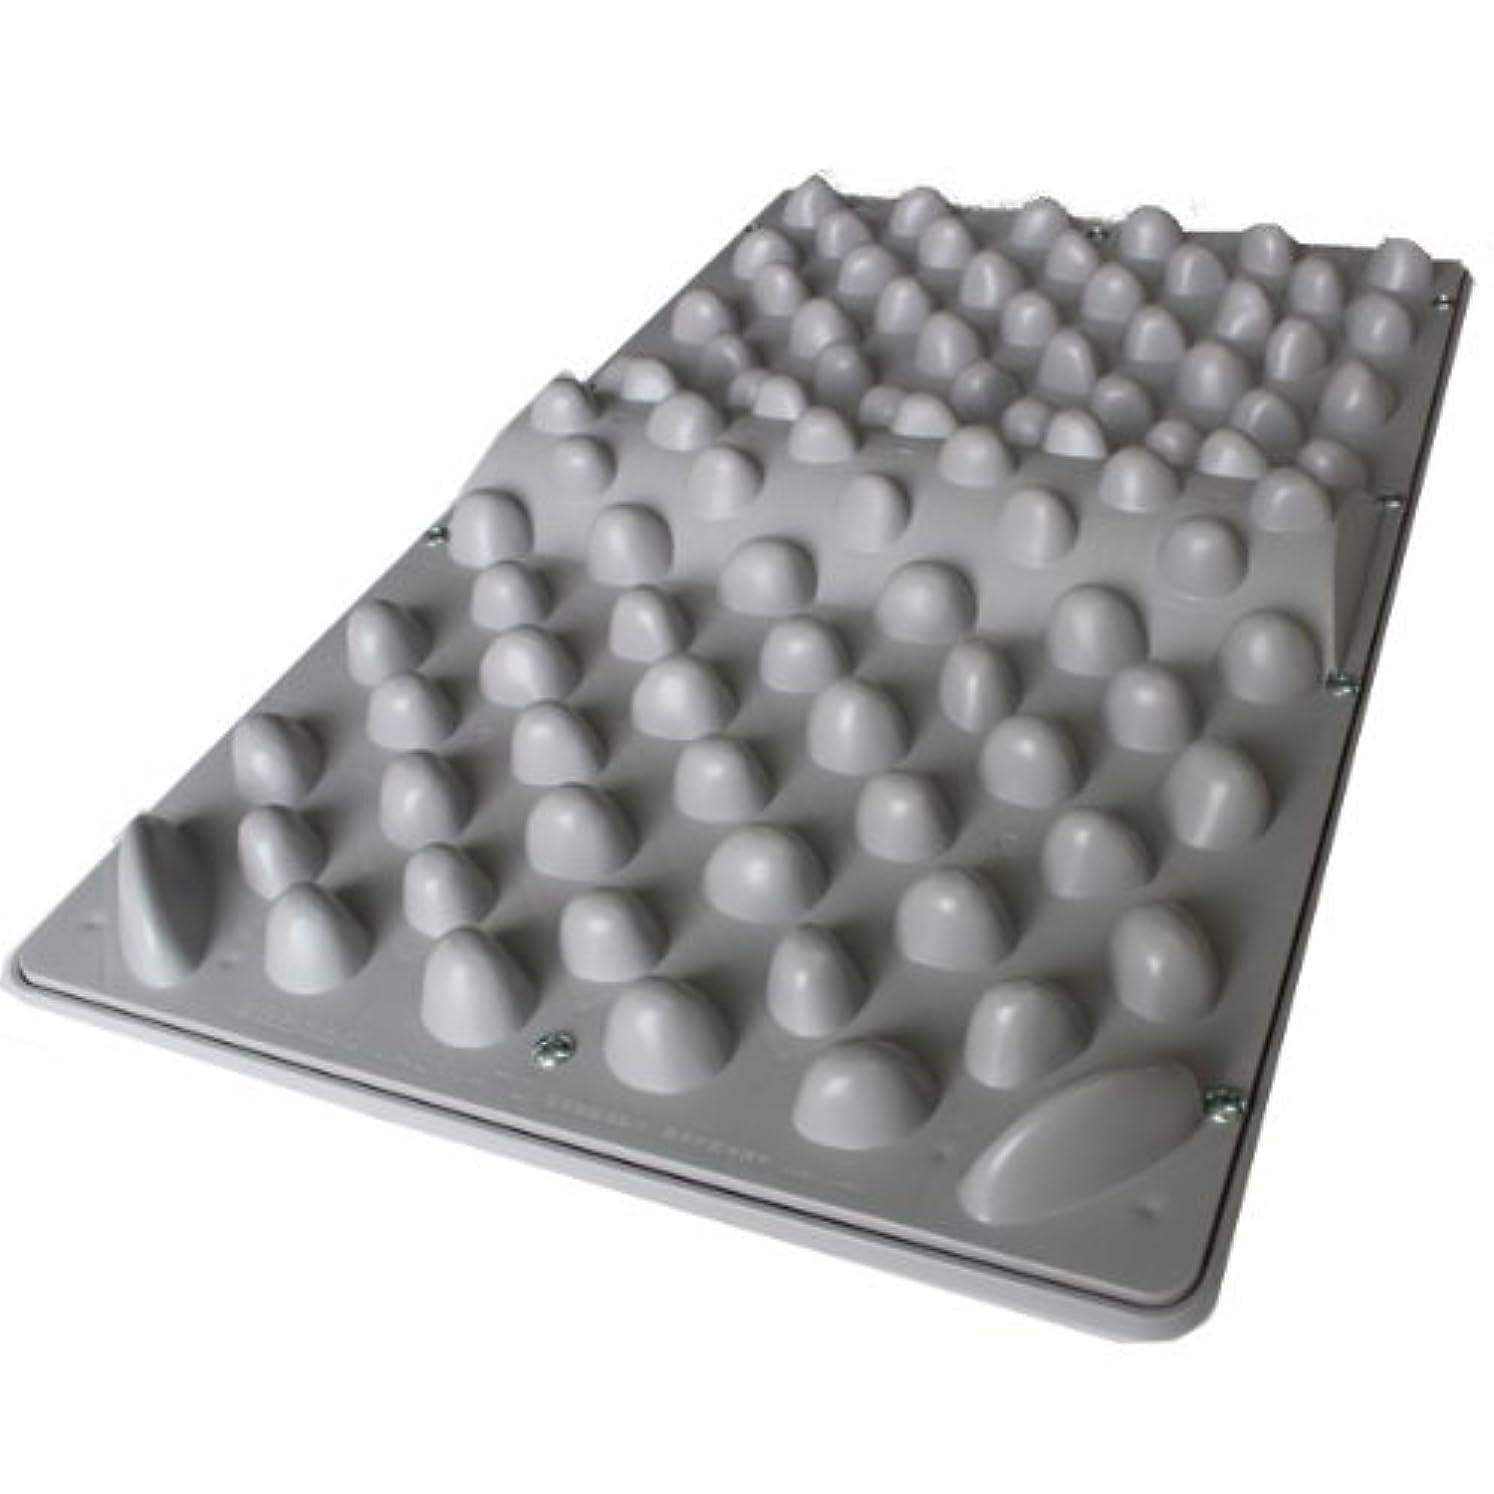 眠る辛な無駄な官足法 ウォークマットⅡ 裏板セット(ABS樹脂製補強板付き)